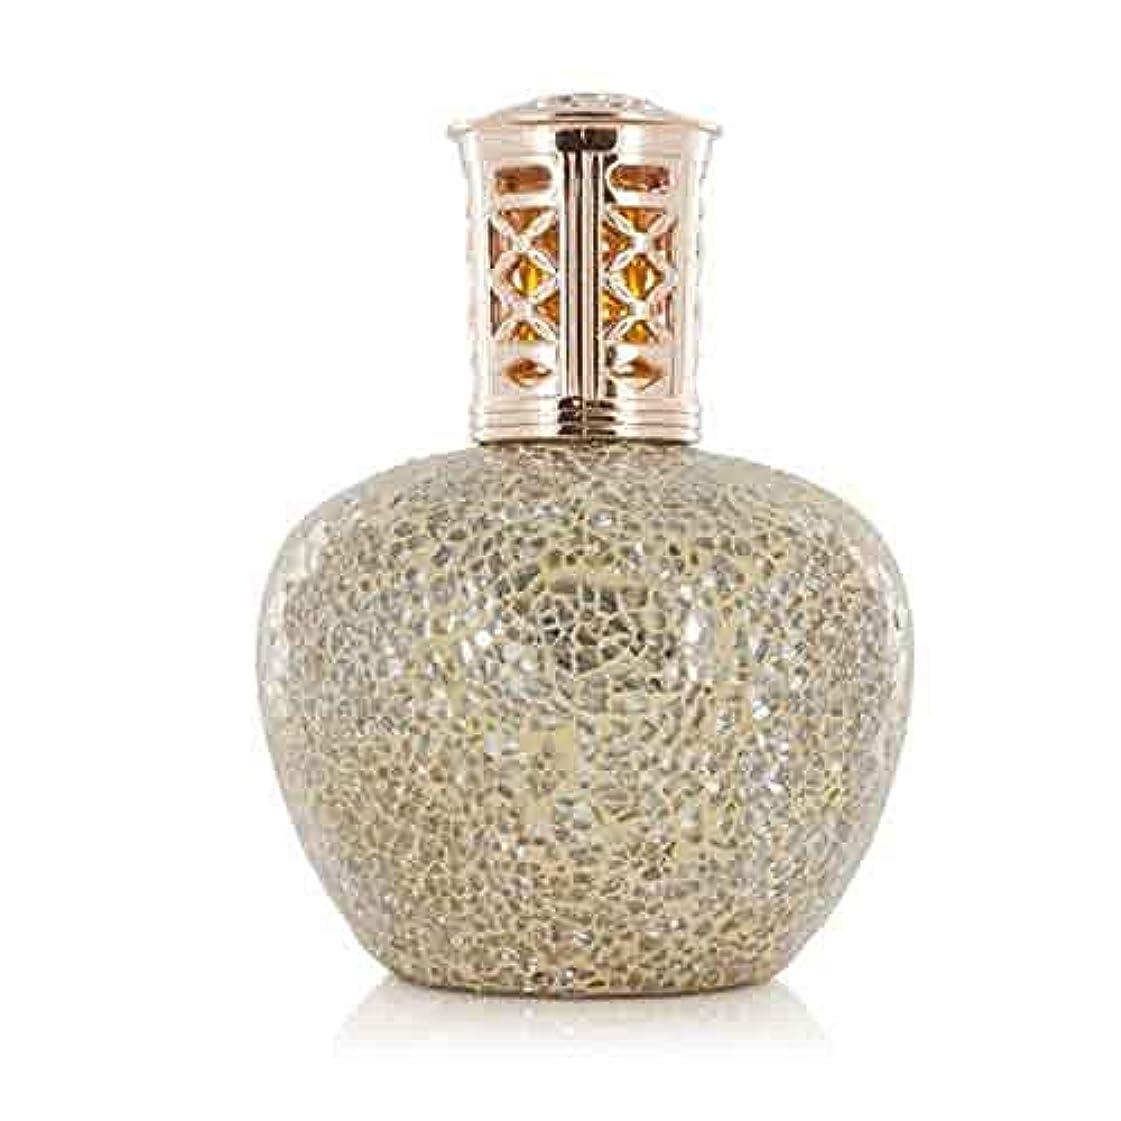 最も遠い専門から聞くAshleigh&Burwood フレグランスランプ L トレジャーチェスト FragranceLamps TreasureChest アシュレイ&バーウッド